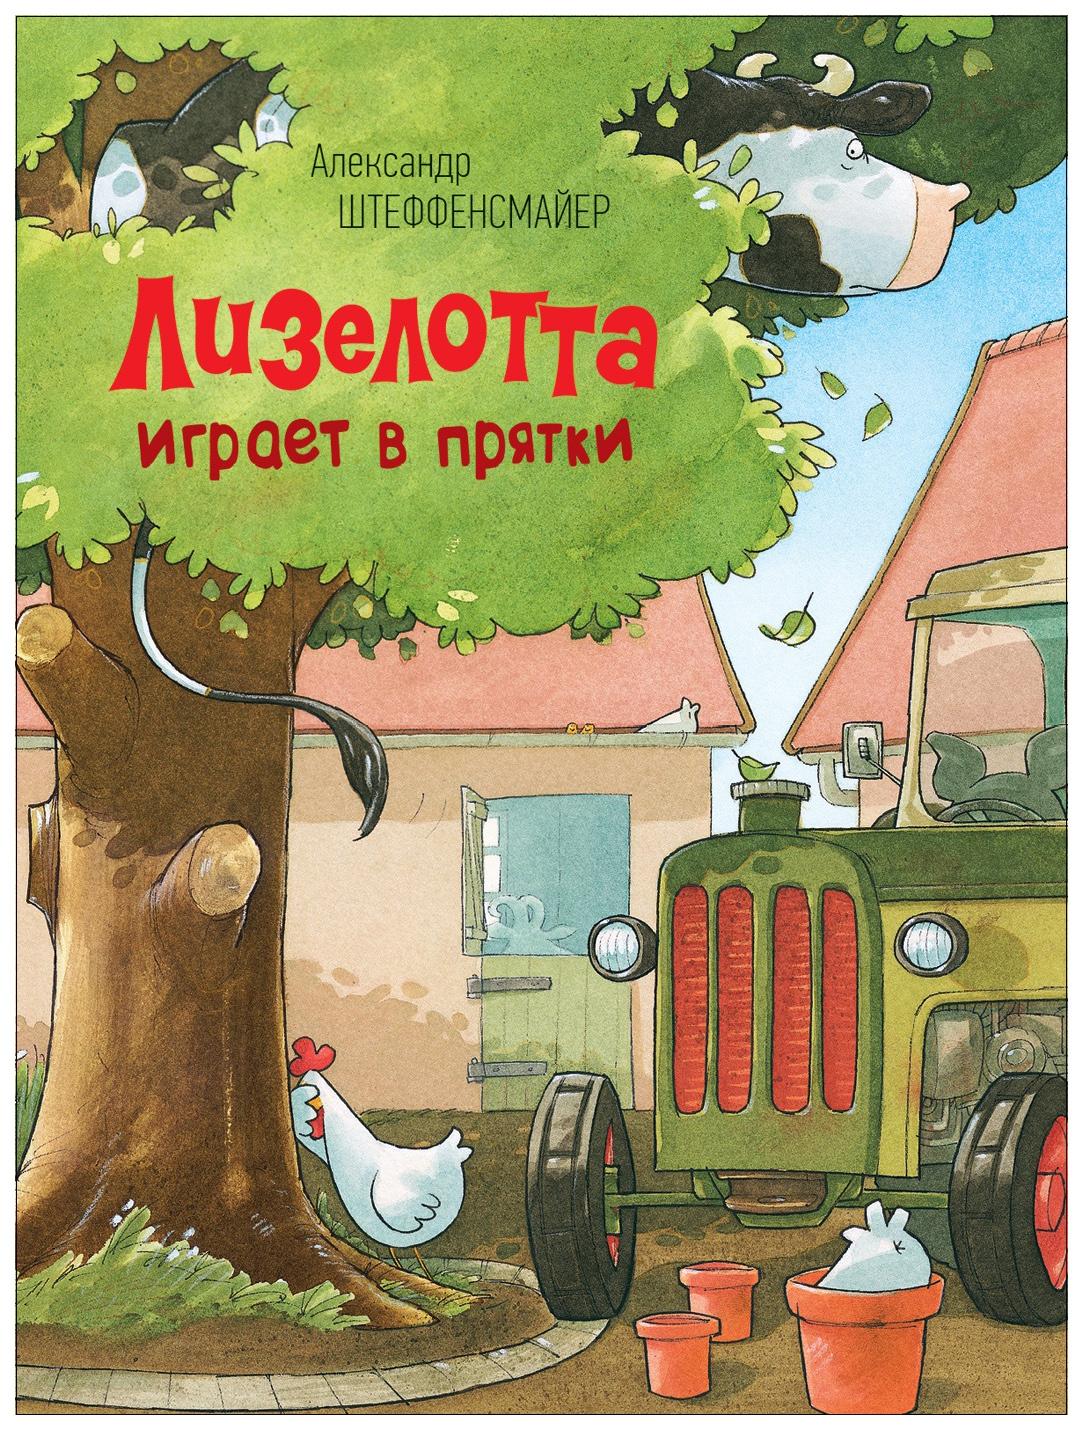 Купить Штеффенсмайер А. Лизелотта играет в прятки, Росмэн, Детская художественная литература